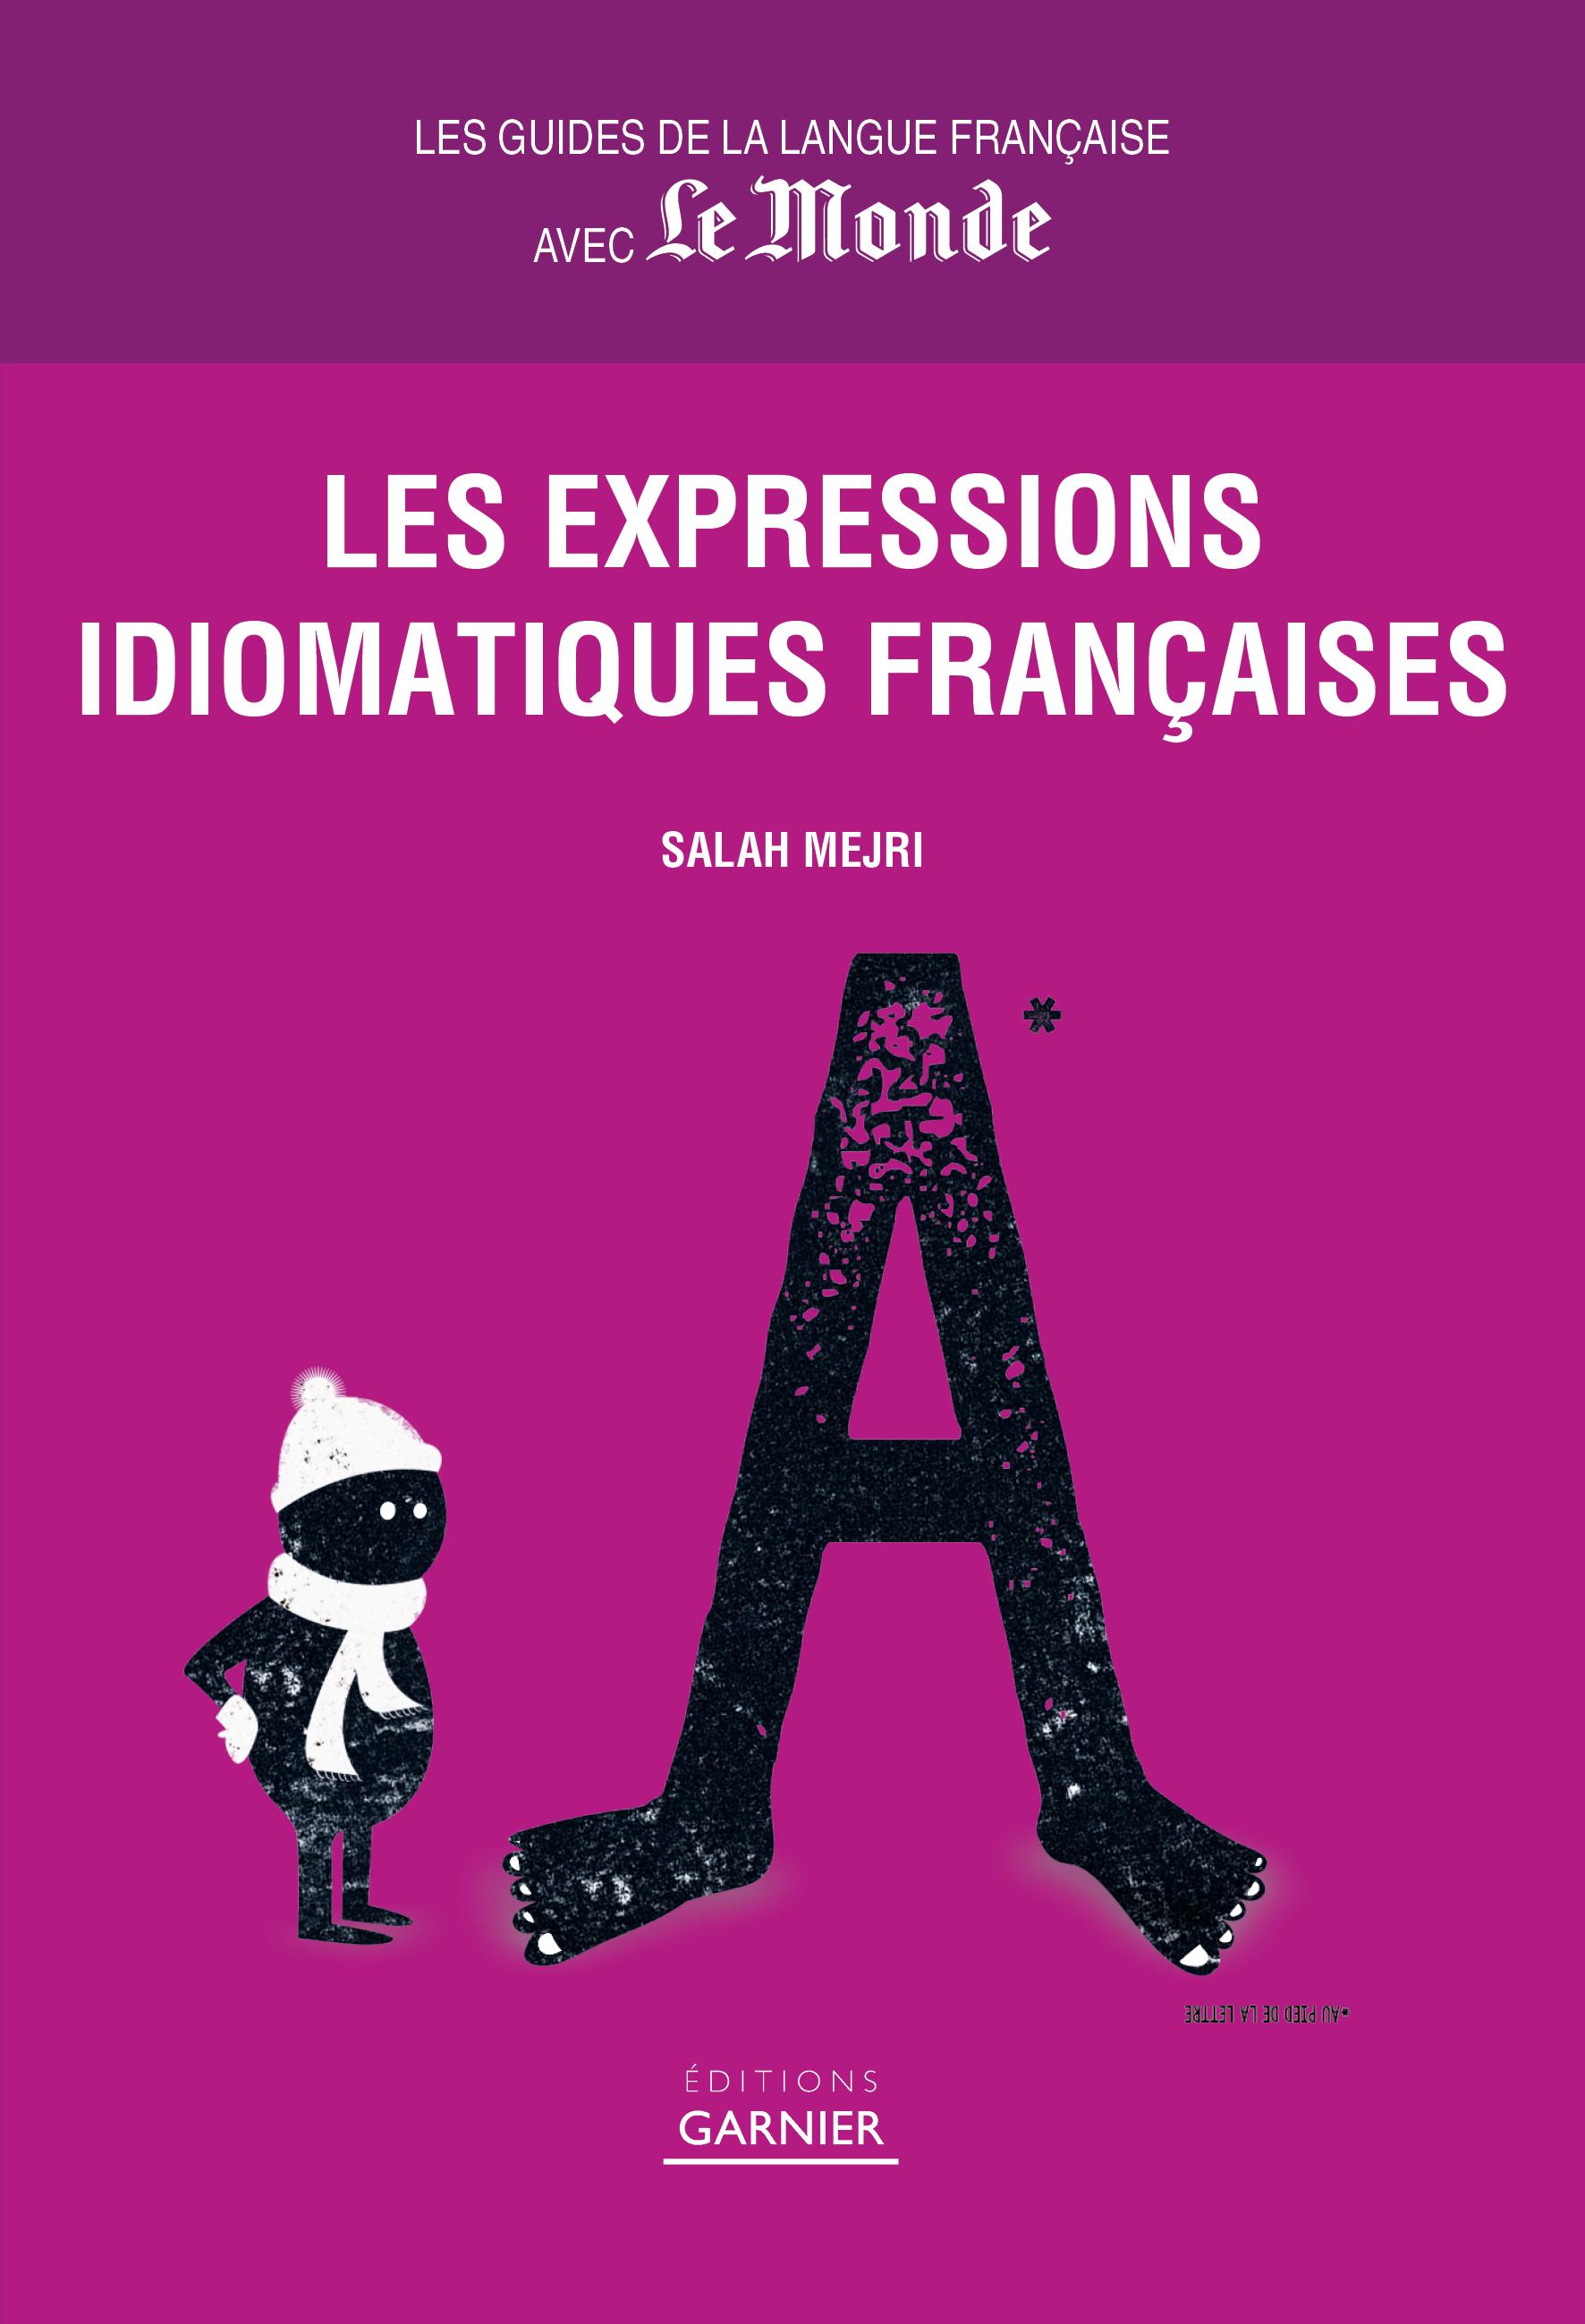 EXPRESSIONS IDIOMATIQUES FRANCAISES (LES)